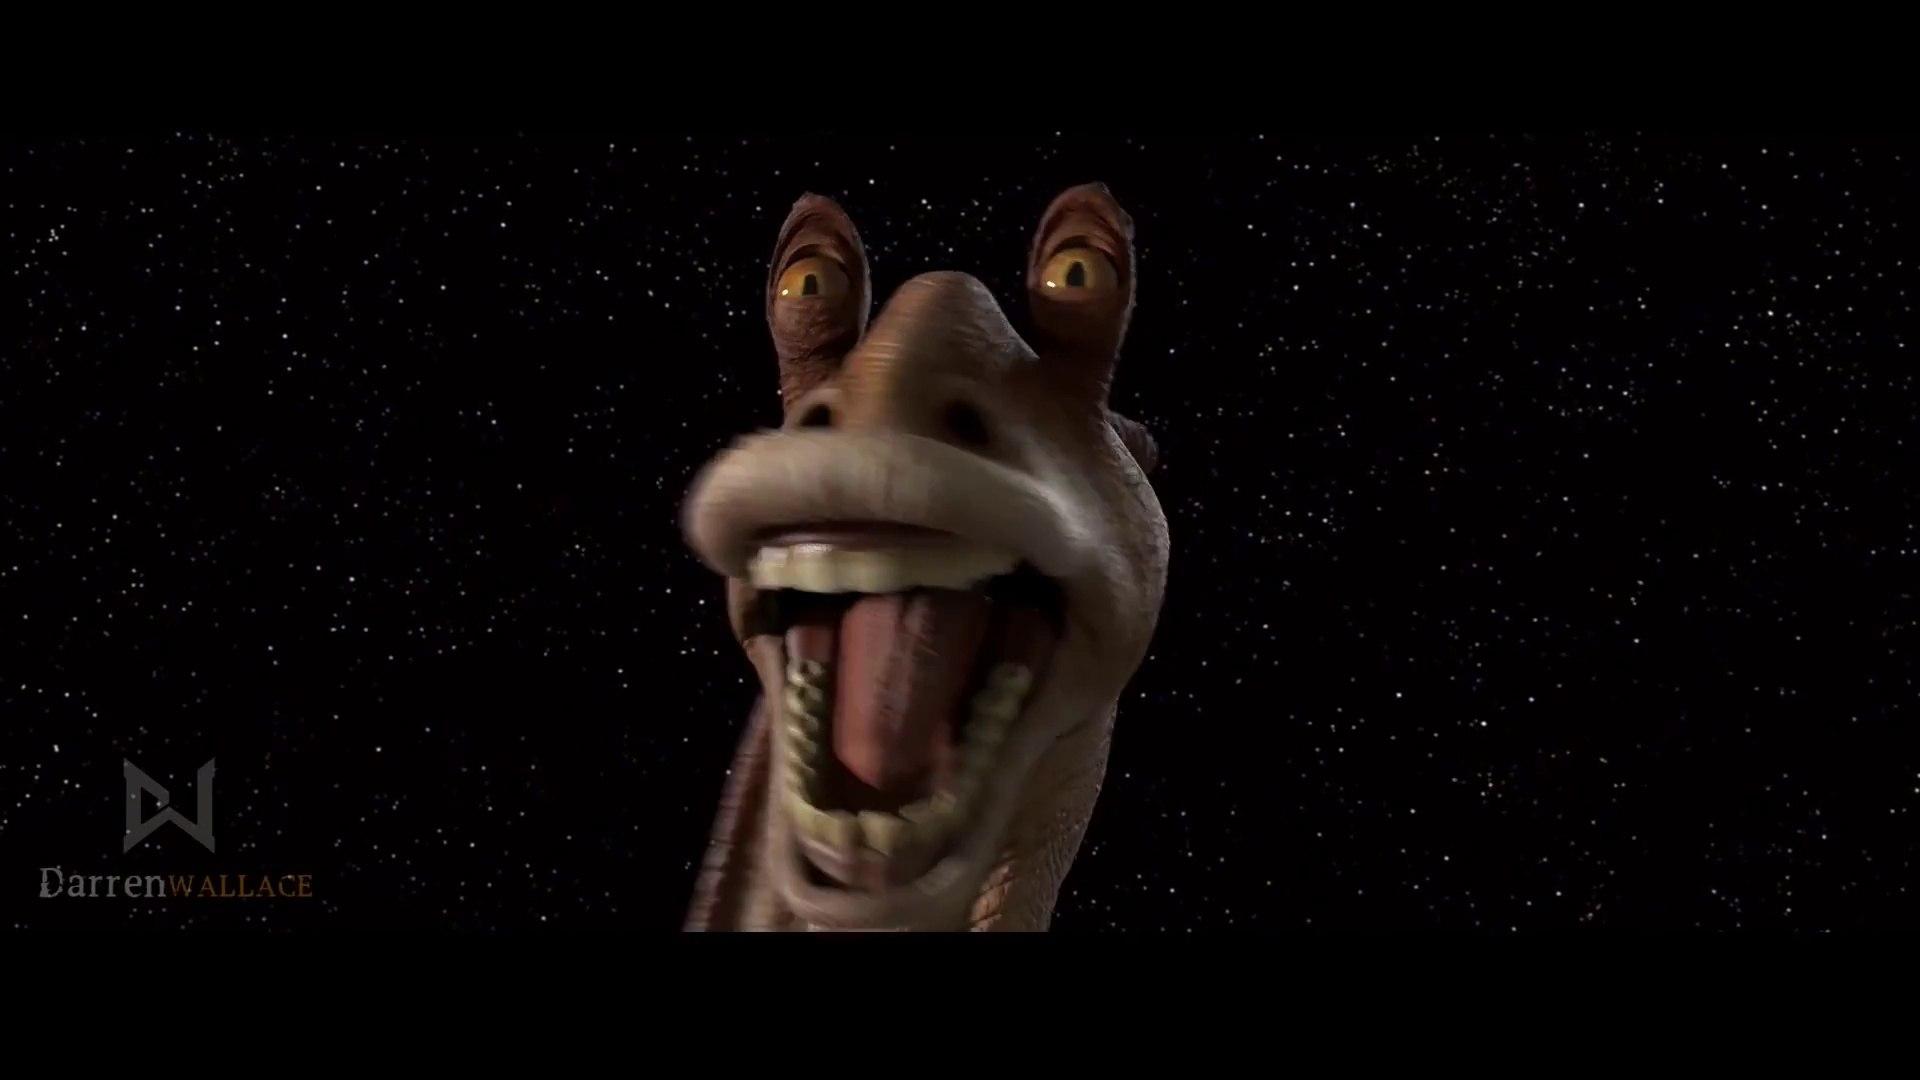 The 9 Funniest Star Wars Parodies Ever